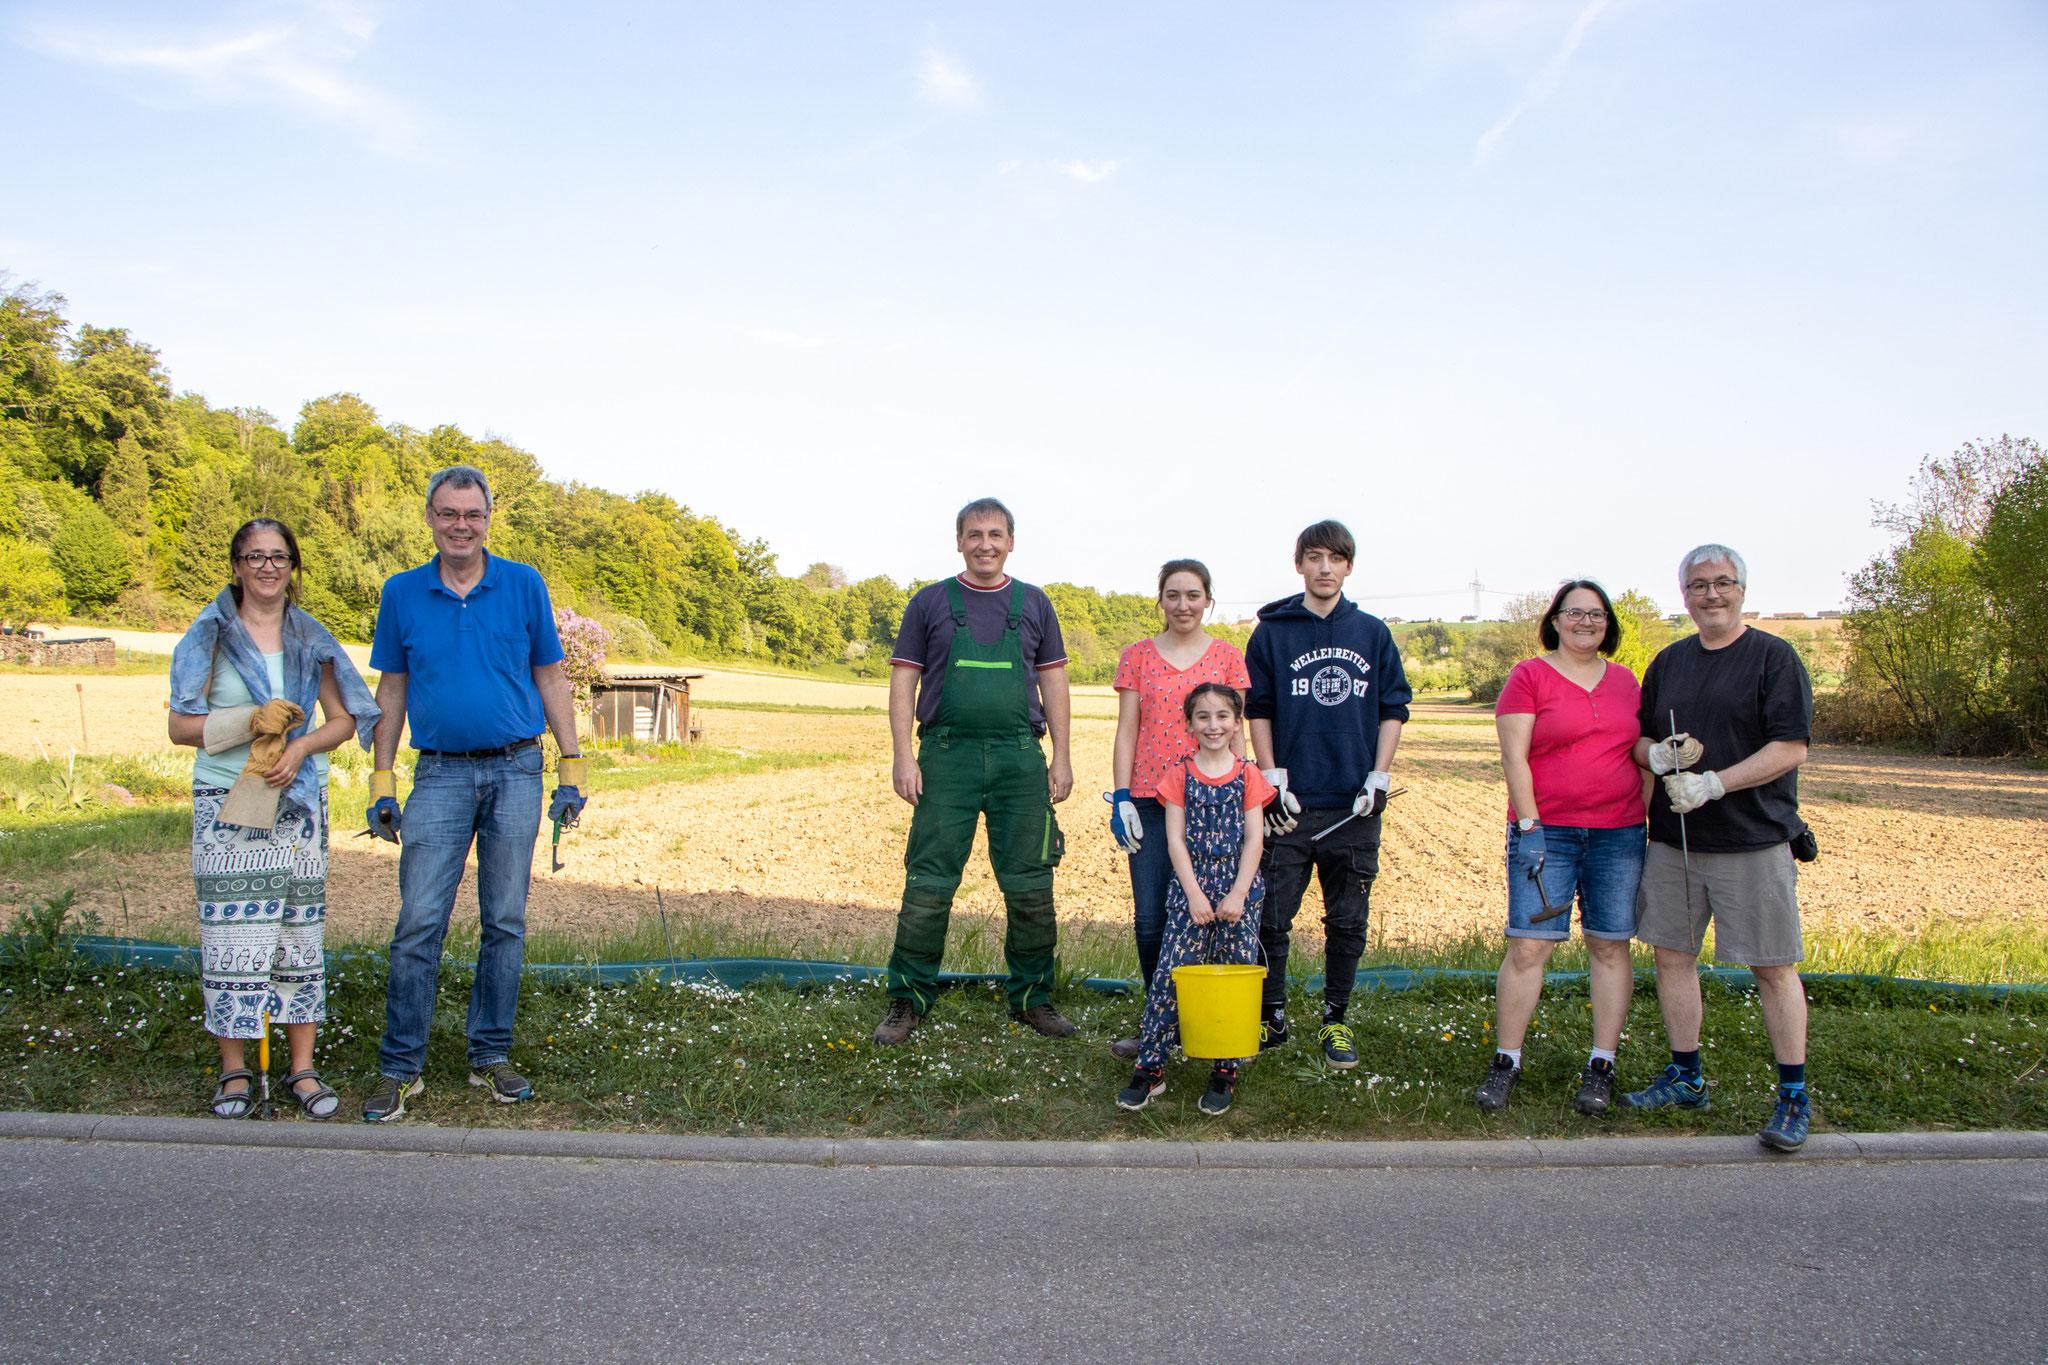 Alle felißigen Helfer von Familie Drös und Familie Budig beim Abbau mit nötigem Abstand (Foto: B. Budig)